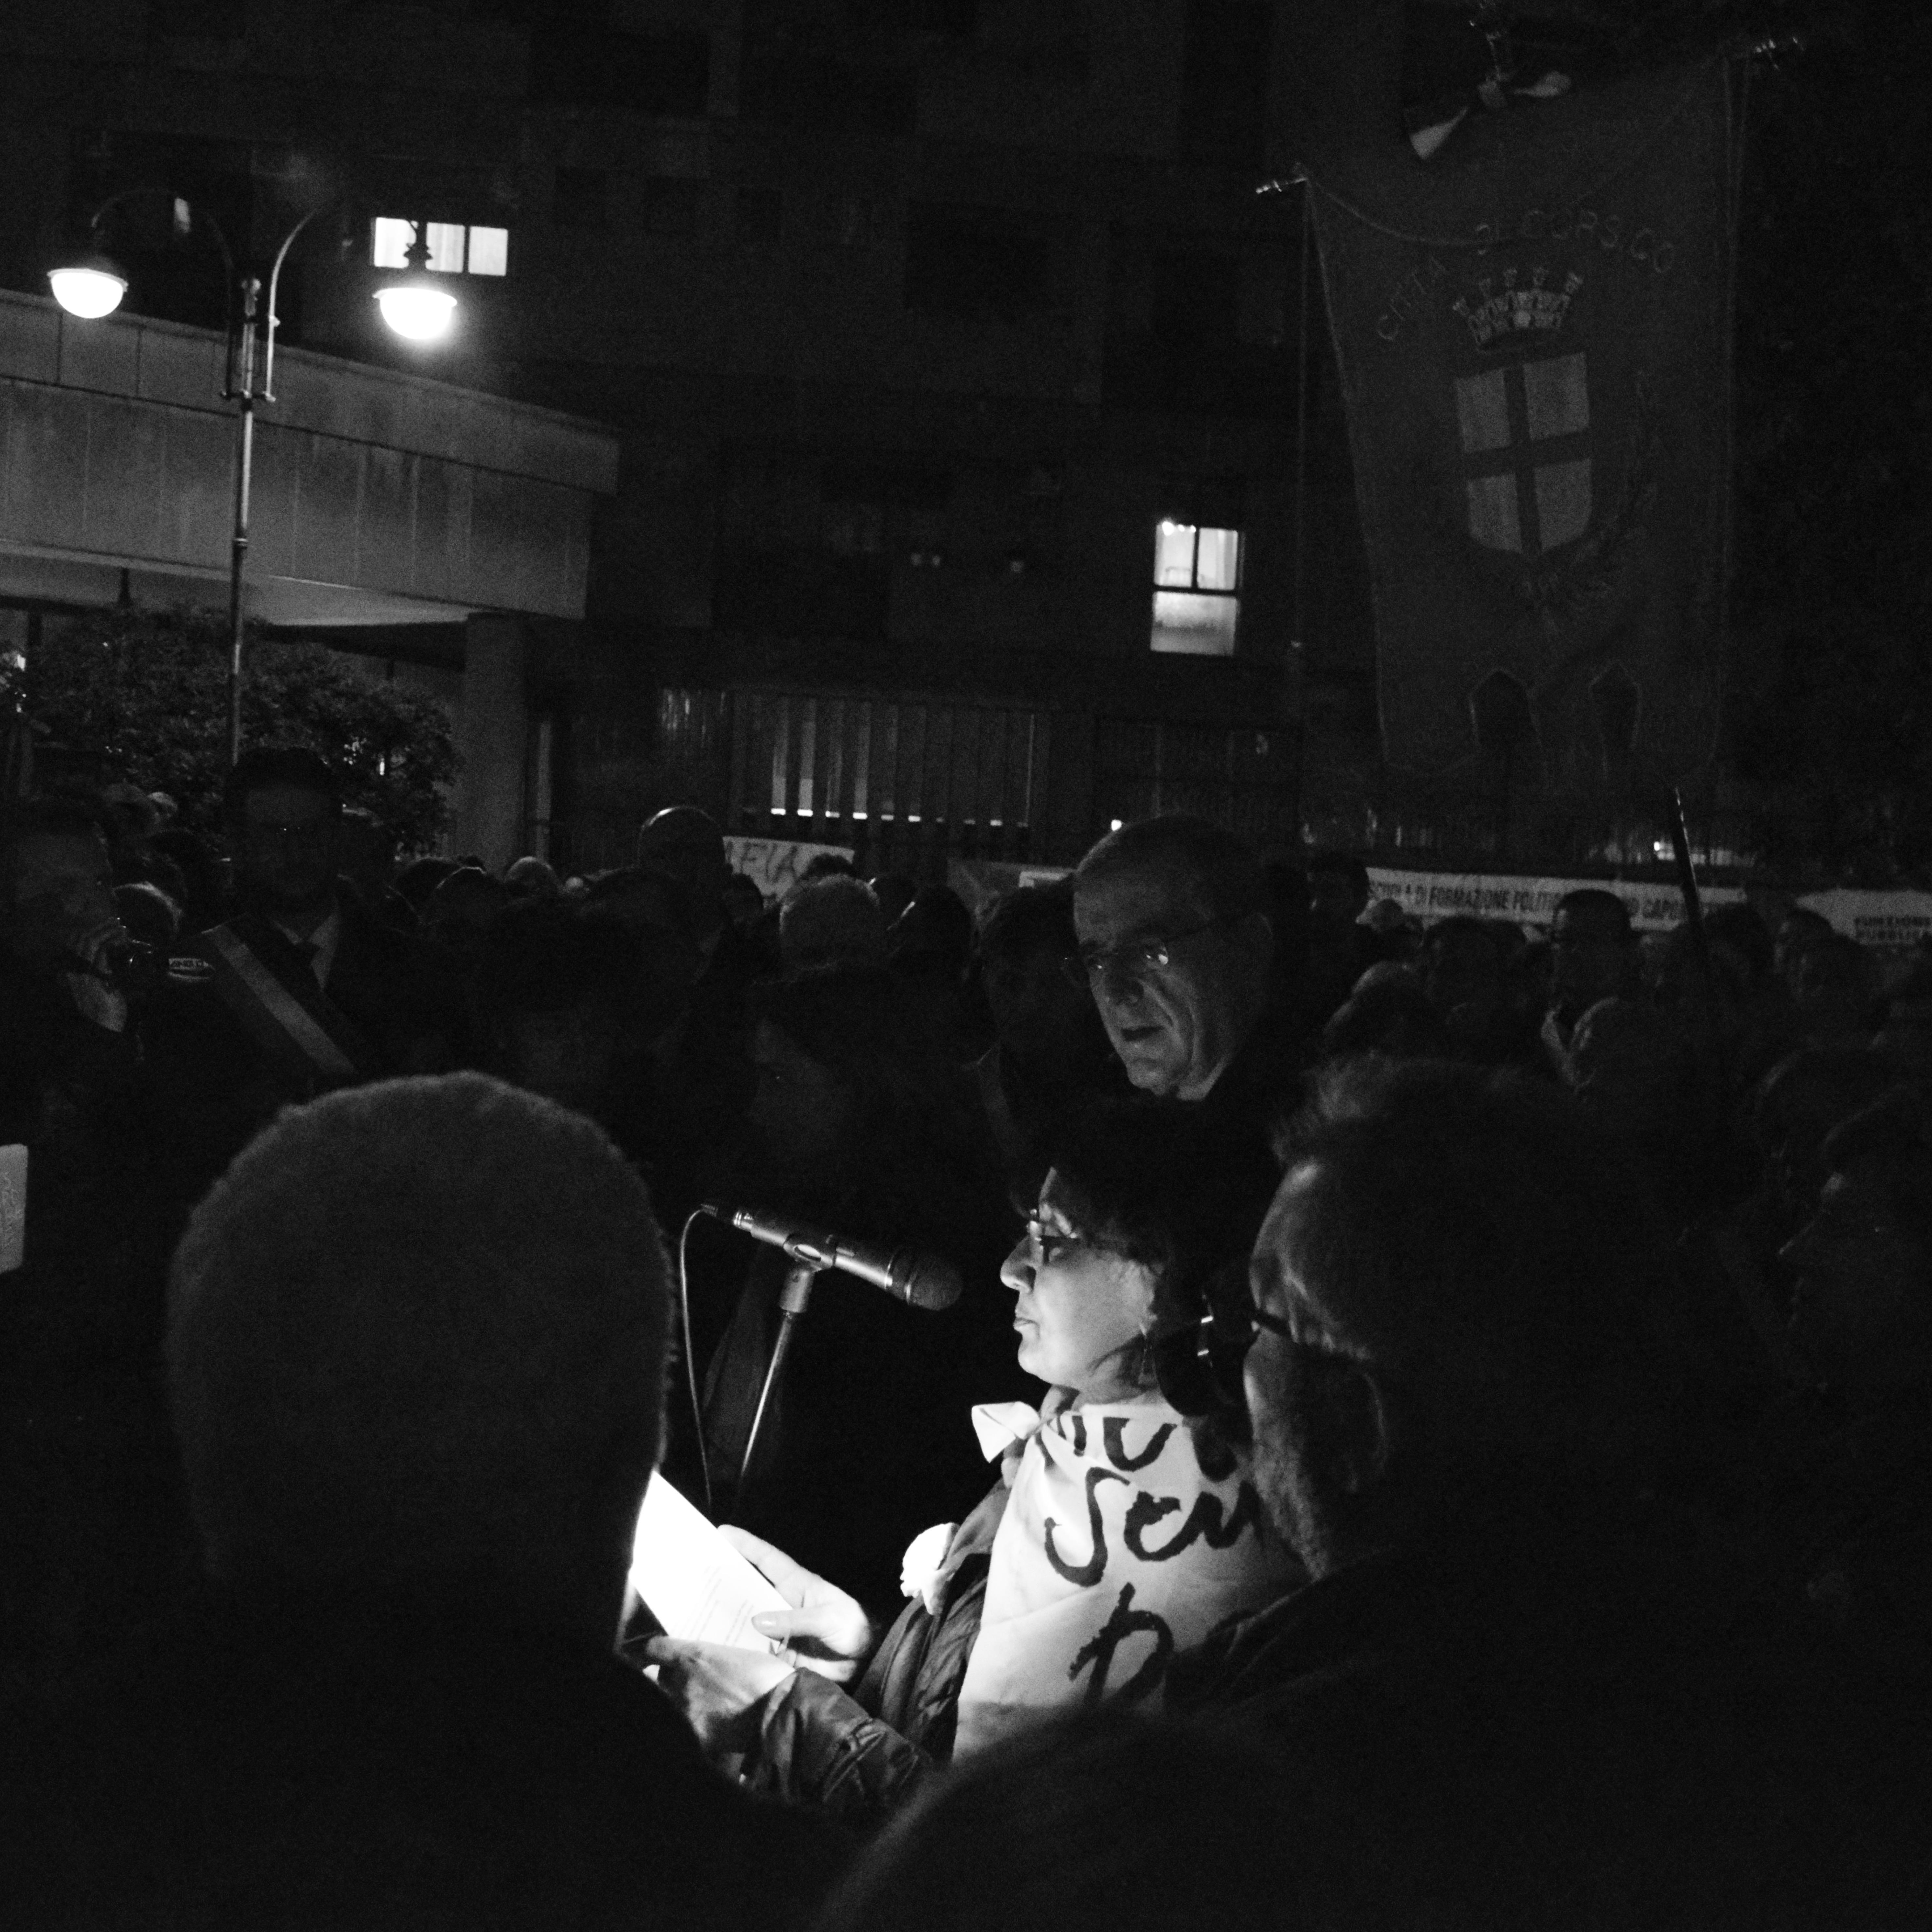 Corsico, centinaia di persone in piazza da tutta la Lombardia per dire no alla 'ndrangheta